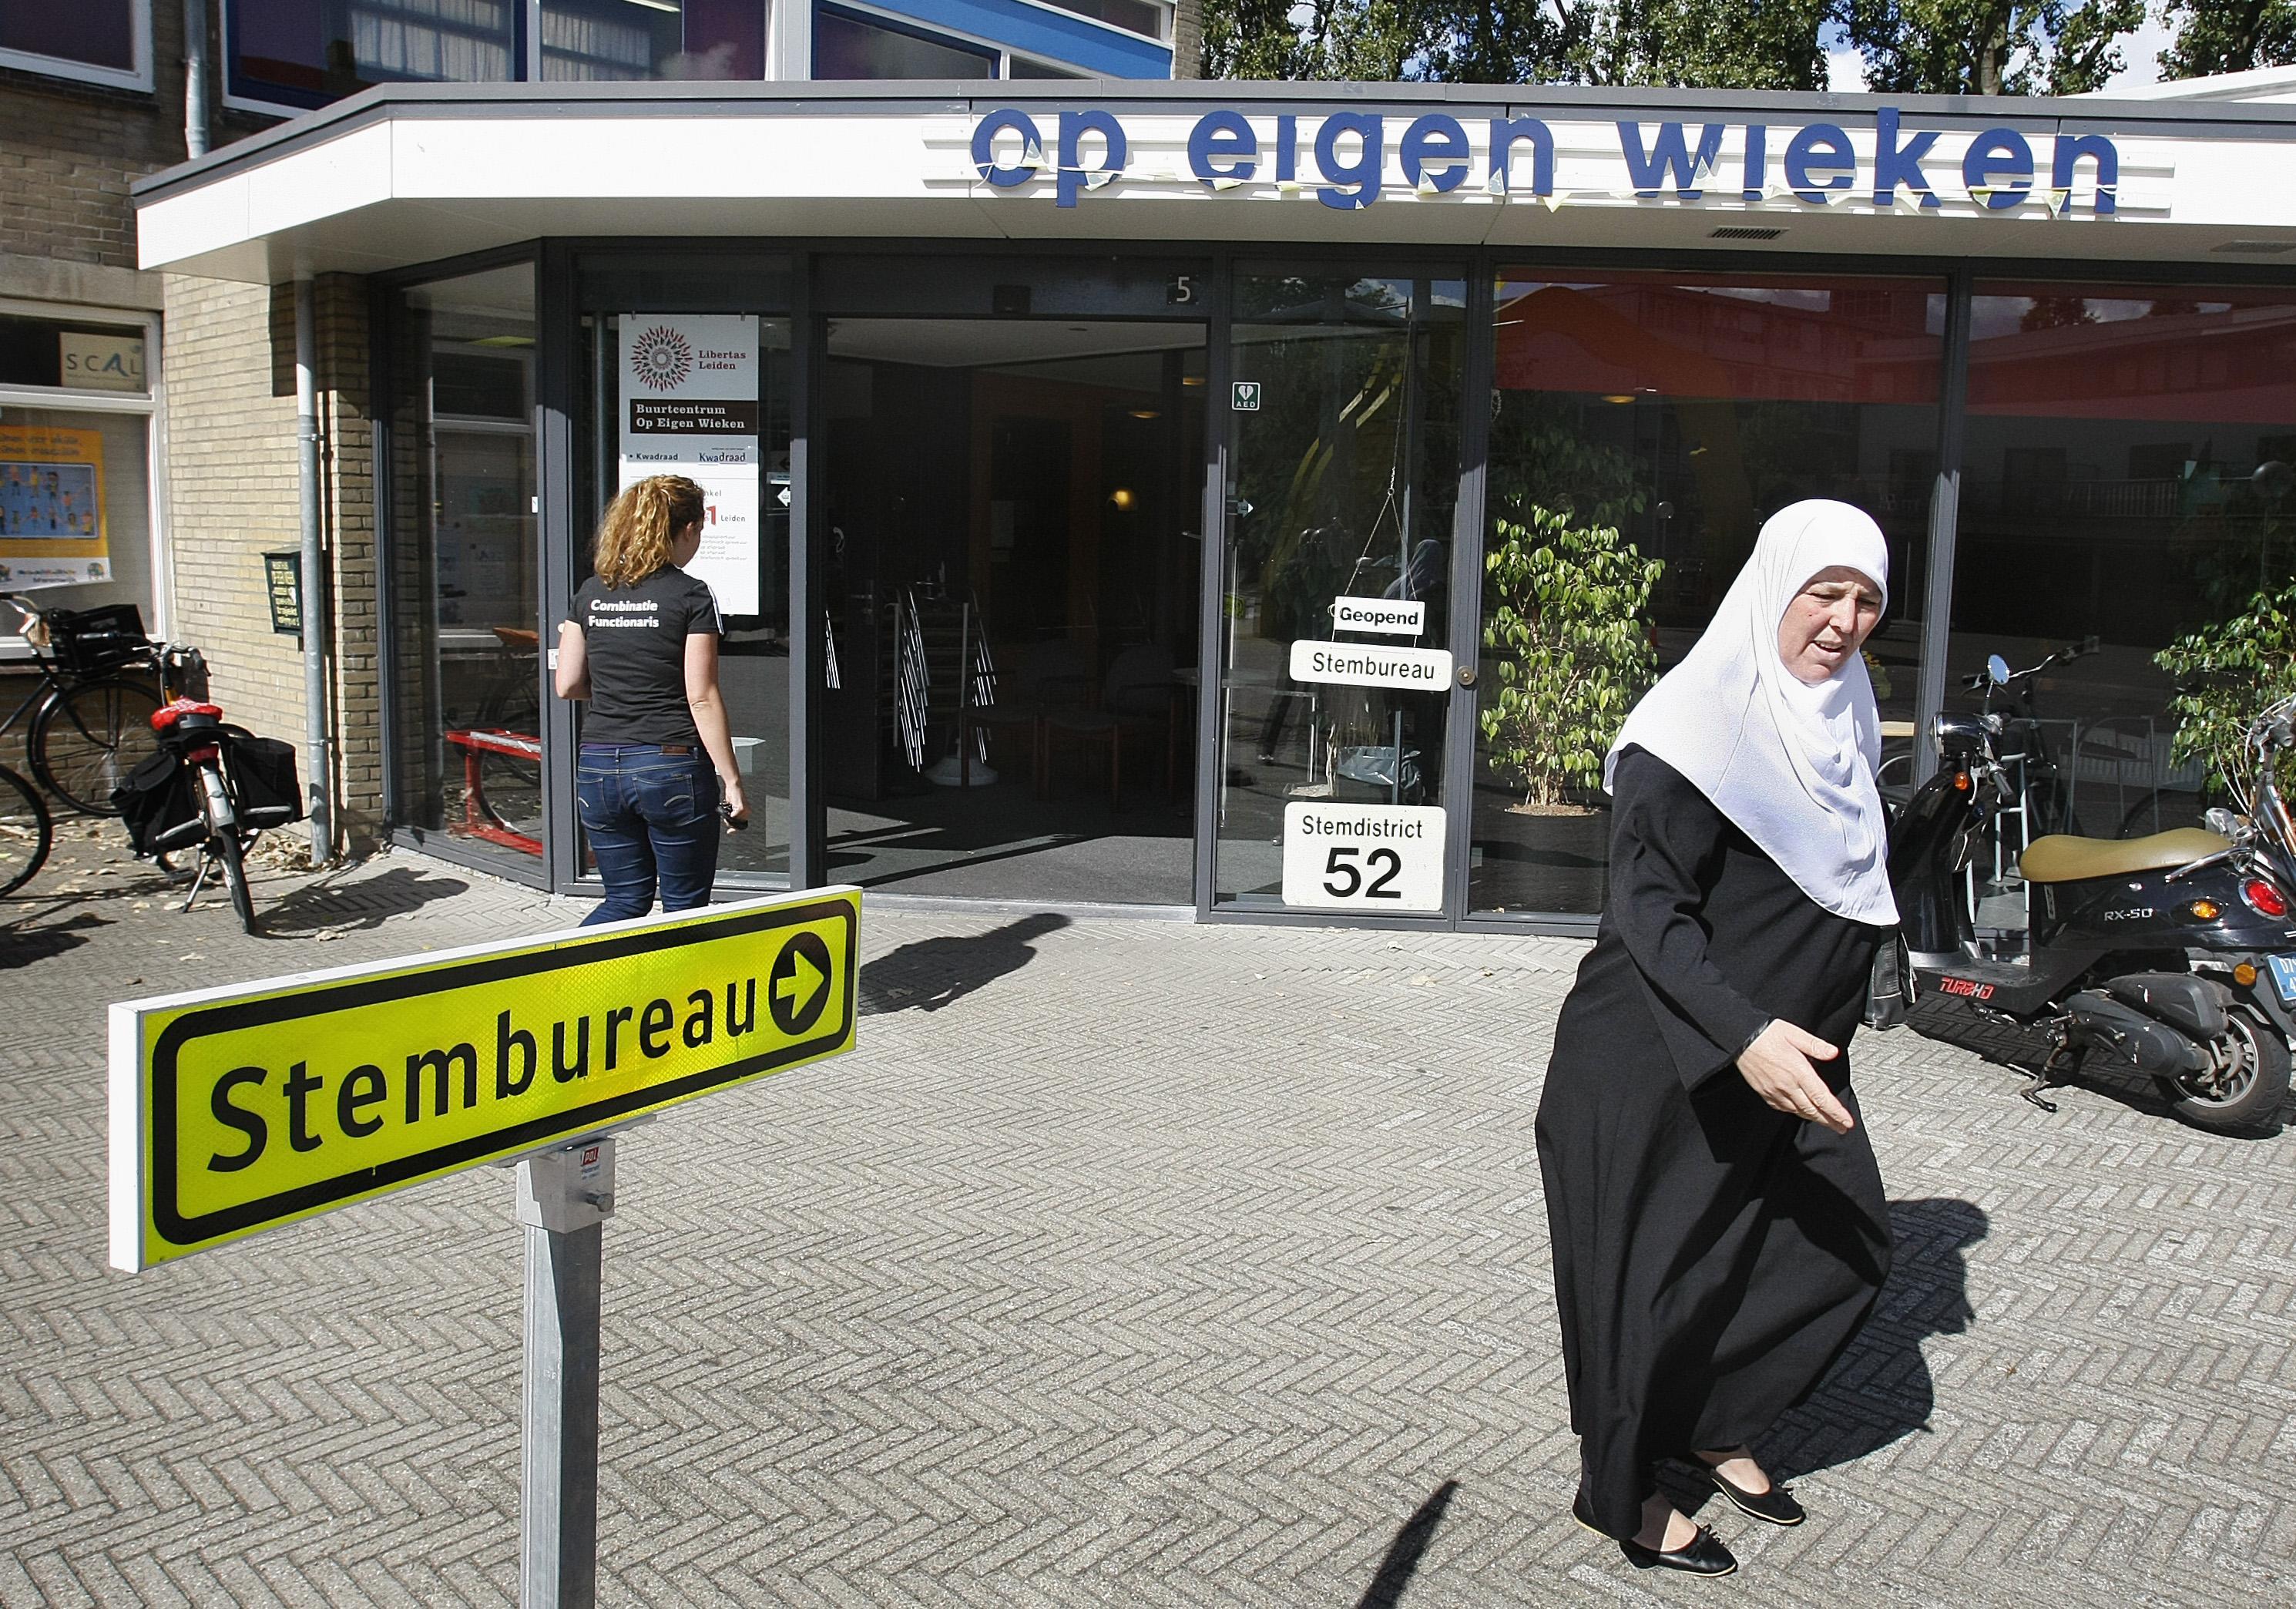 Veel nieuwe stembureaus in Leiden nodig, om mogelijke besmettingen tegen te gaan